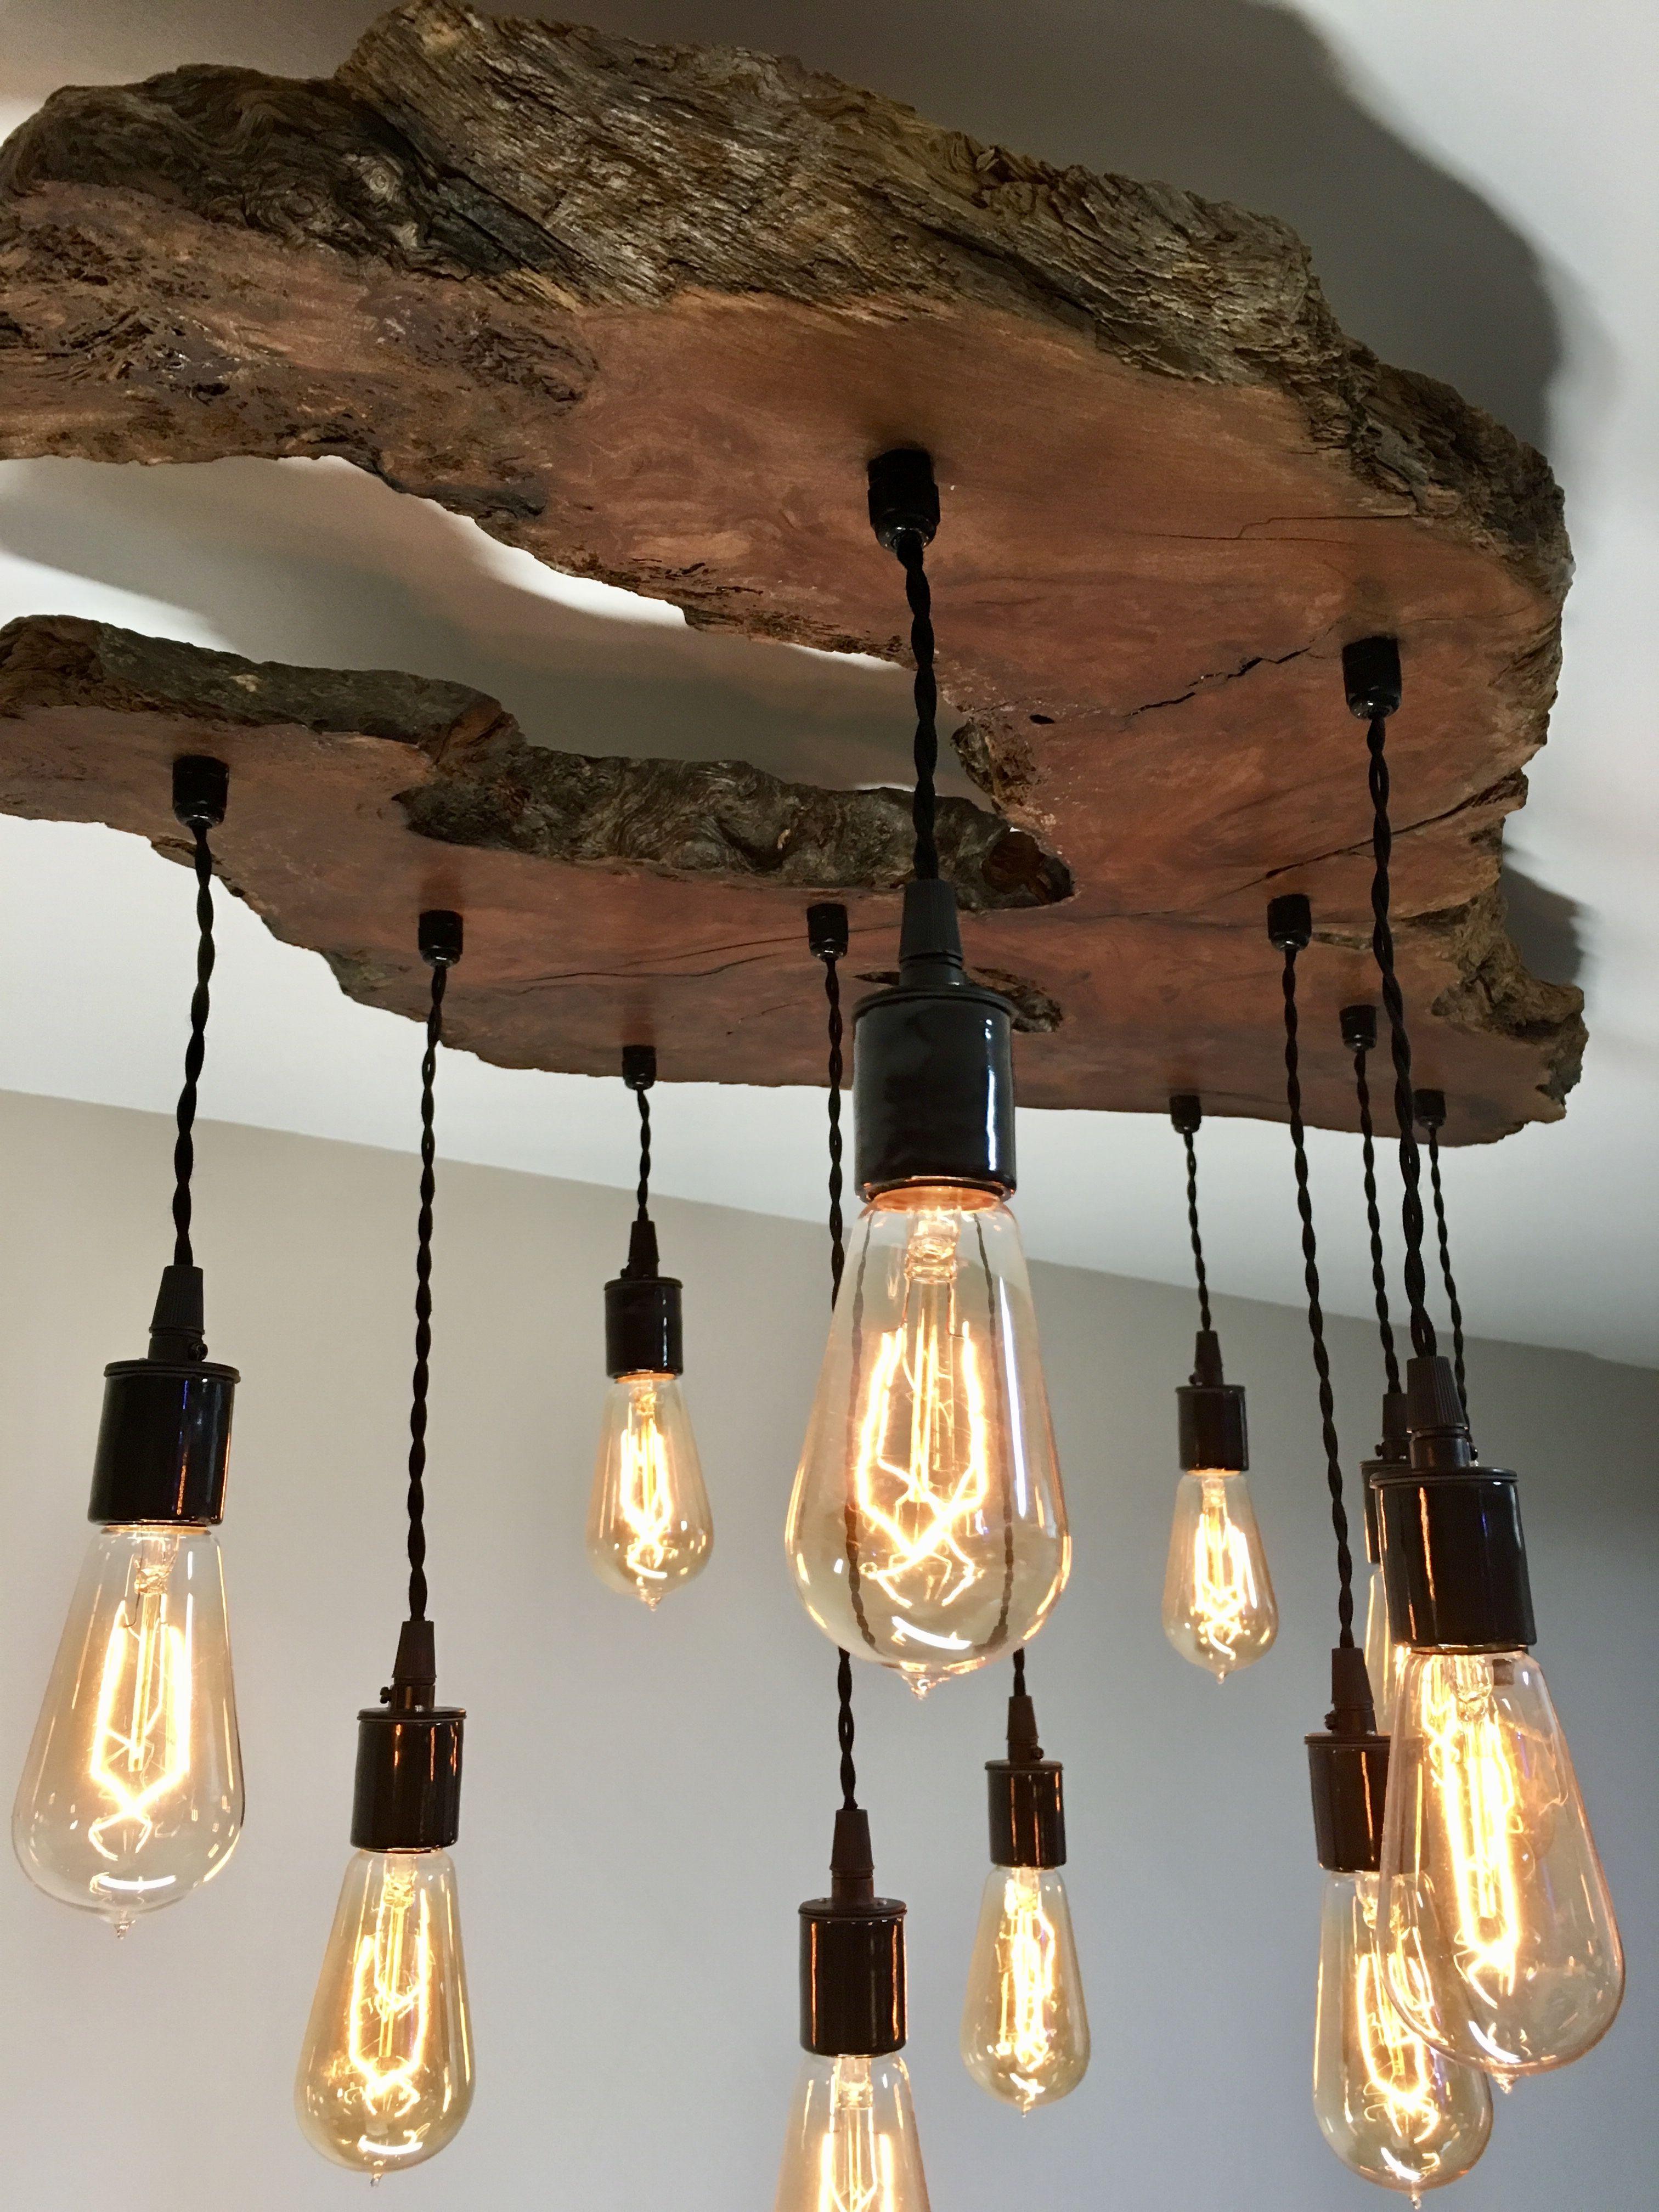 Medium Live Edge Olive Wood Chandelier Light Fixture Custom